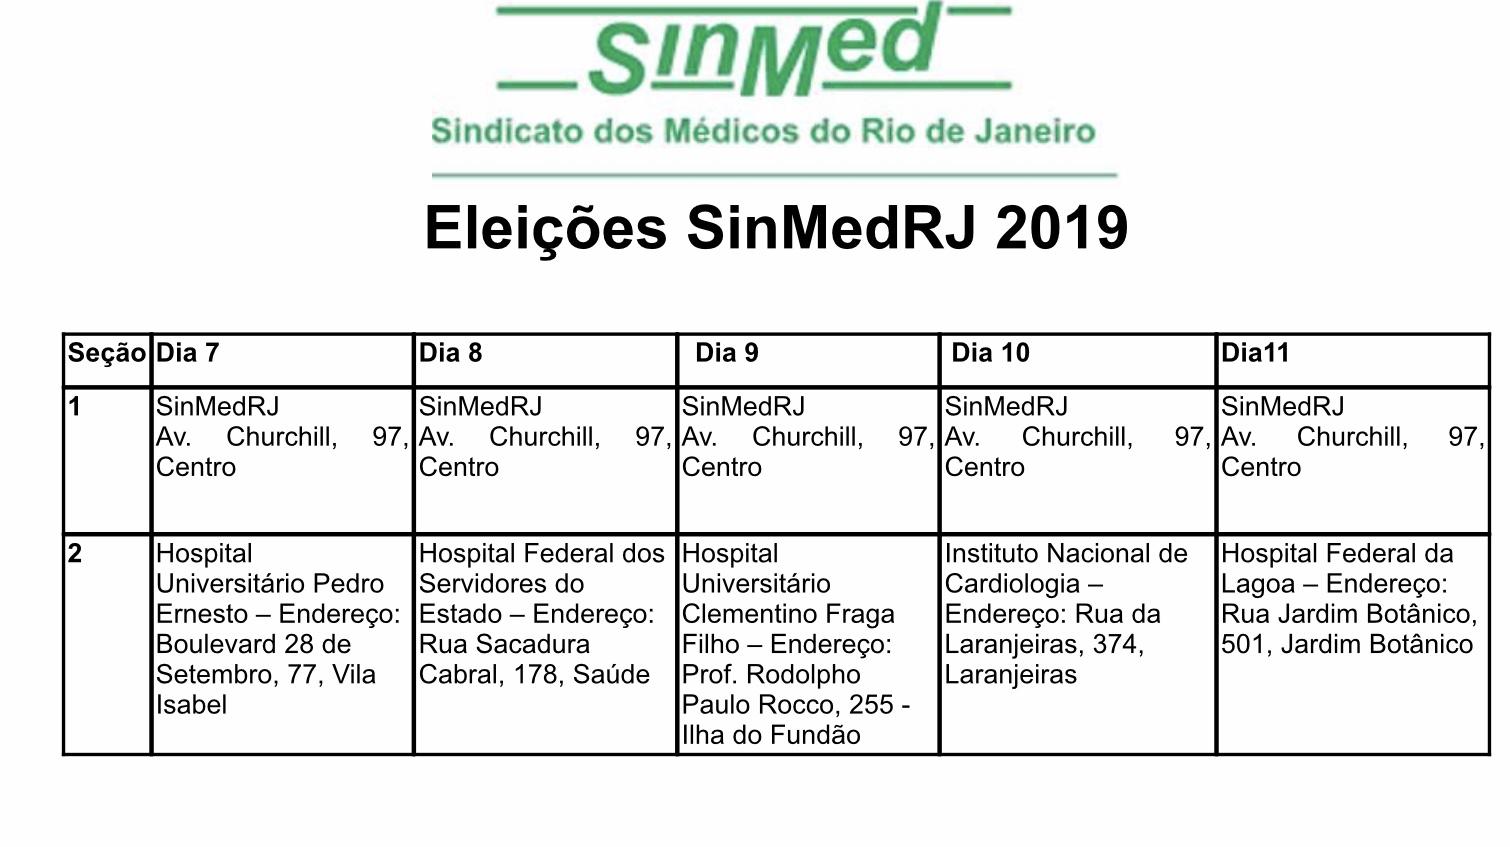 Eleições no SinMed-RJ/2019, de 07 a 11/10/2019, das 8:00 às 17:00